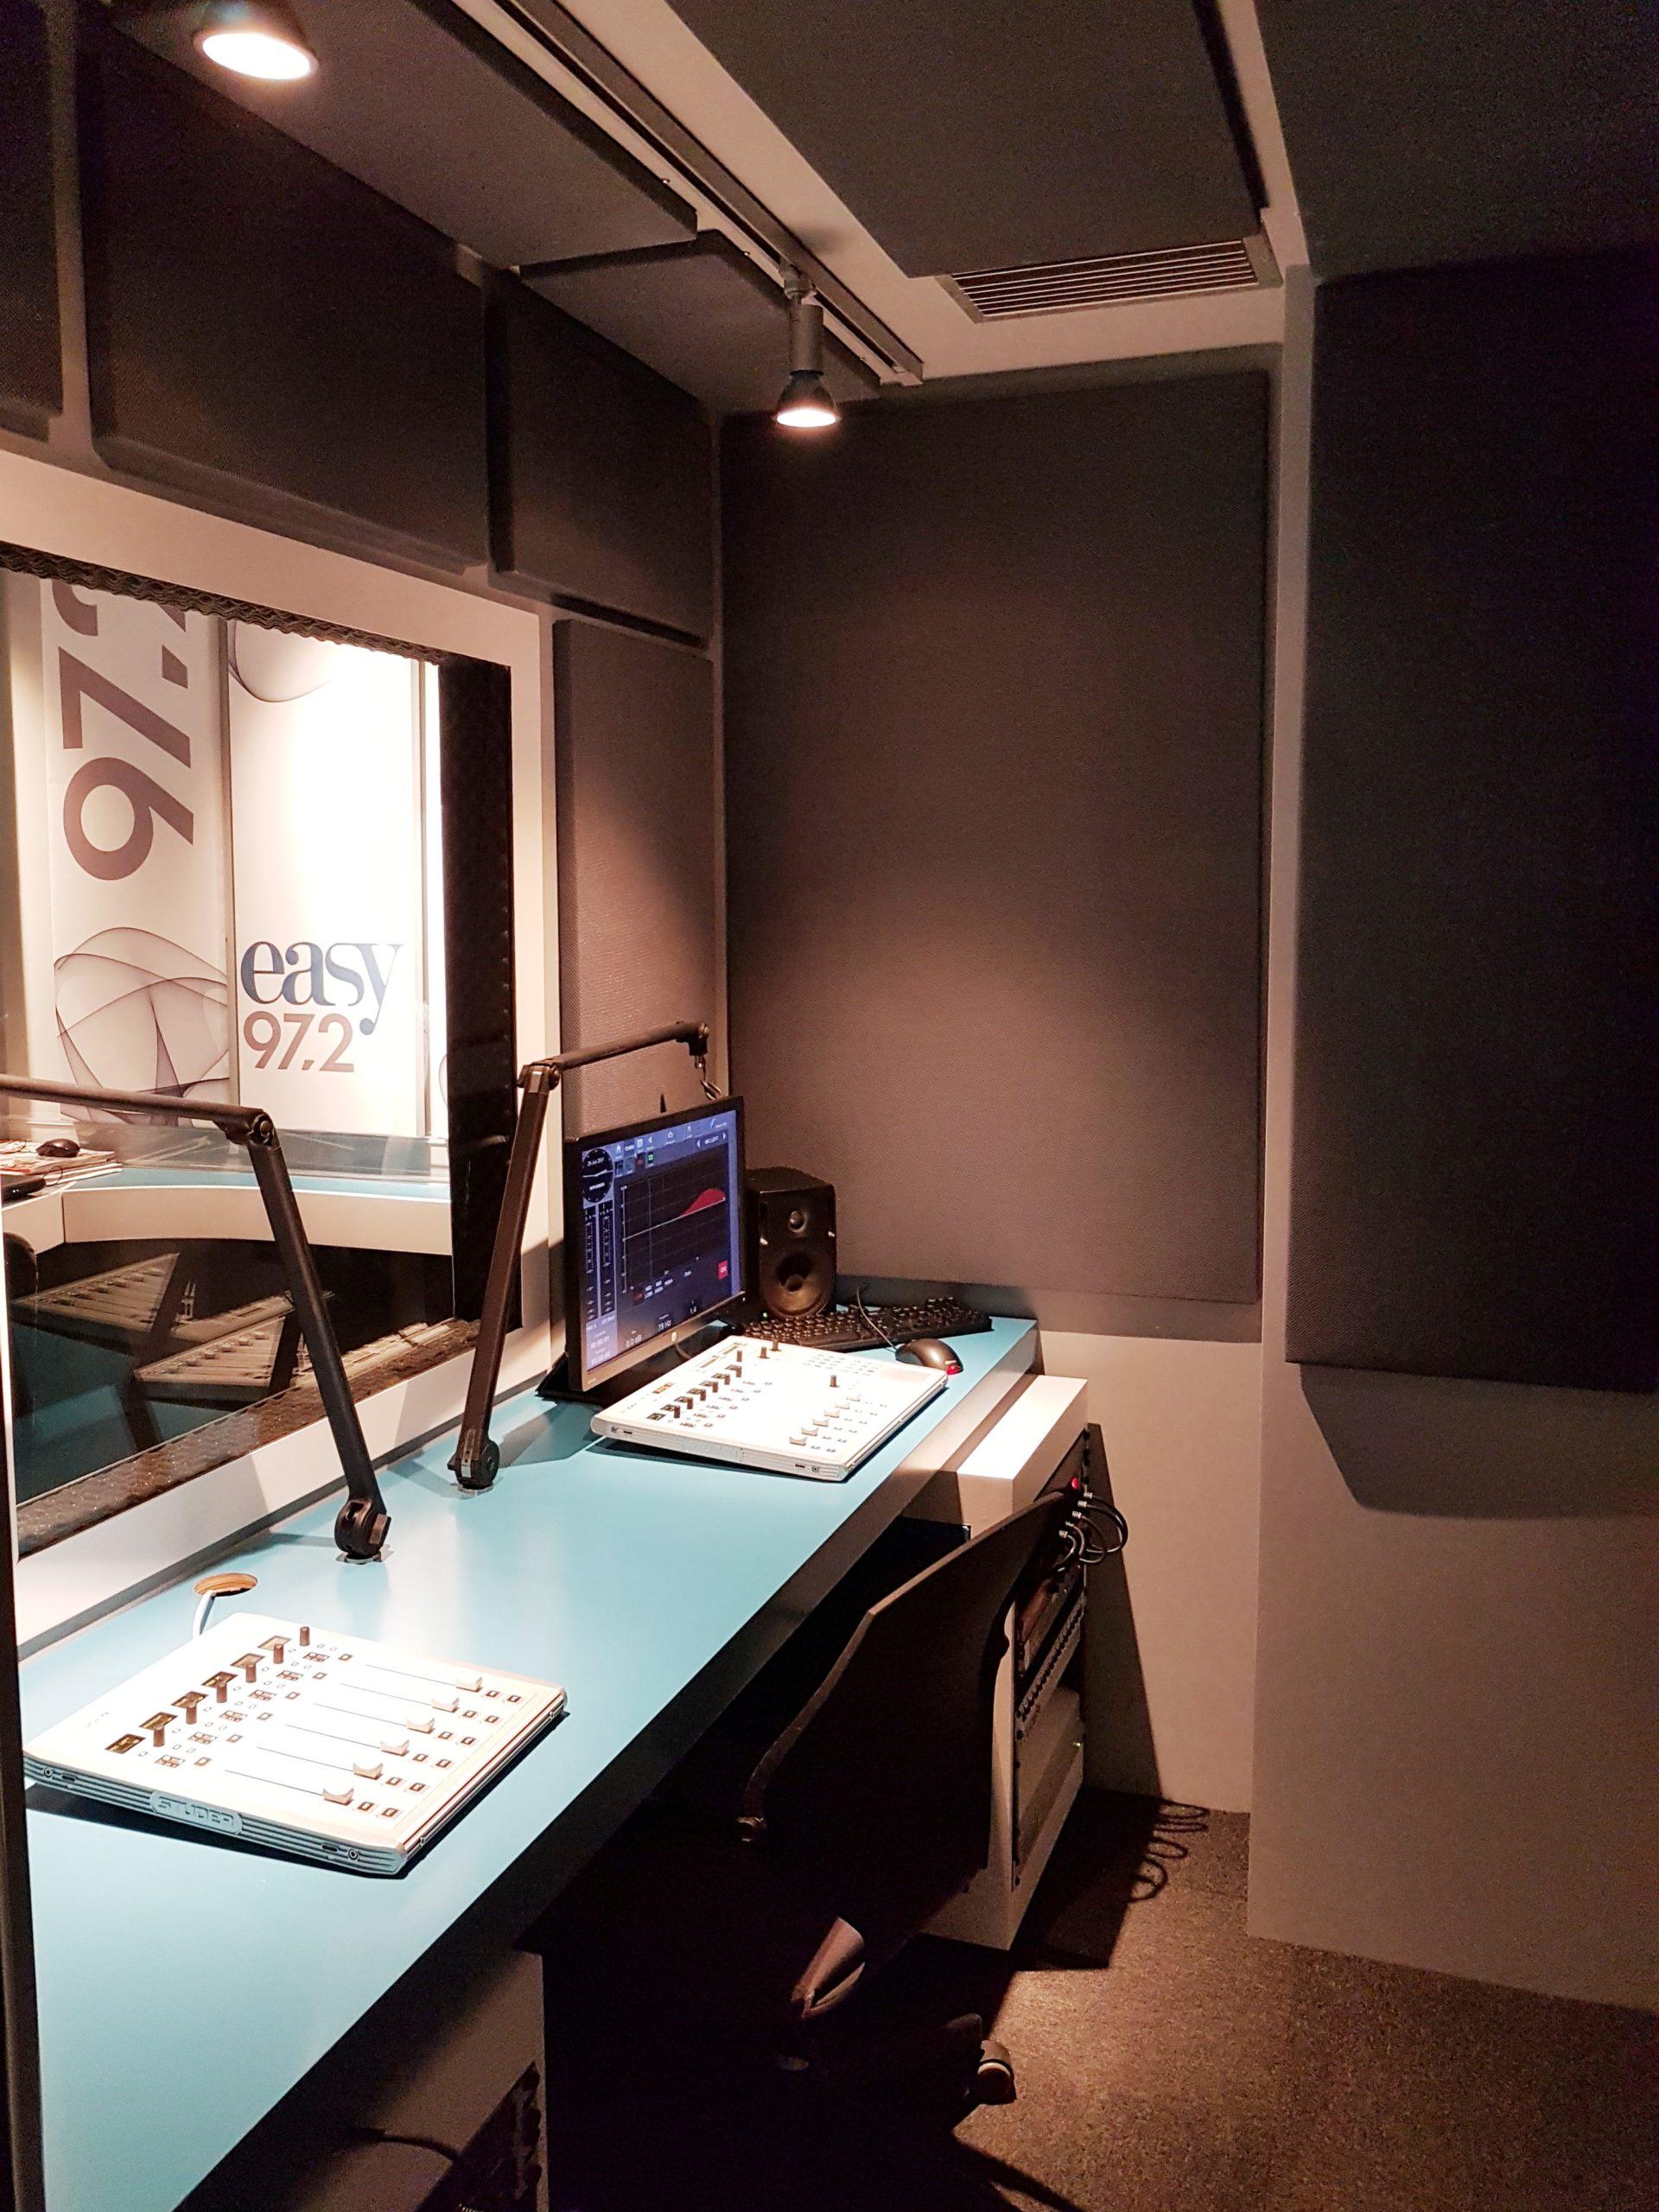 ακουστικά πάνελ στούντιο